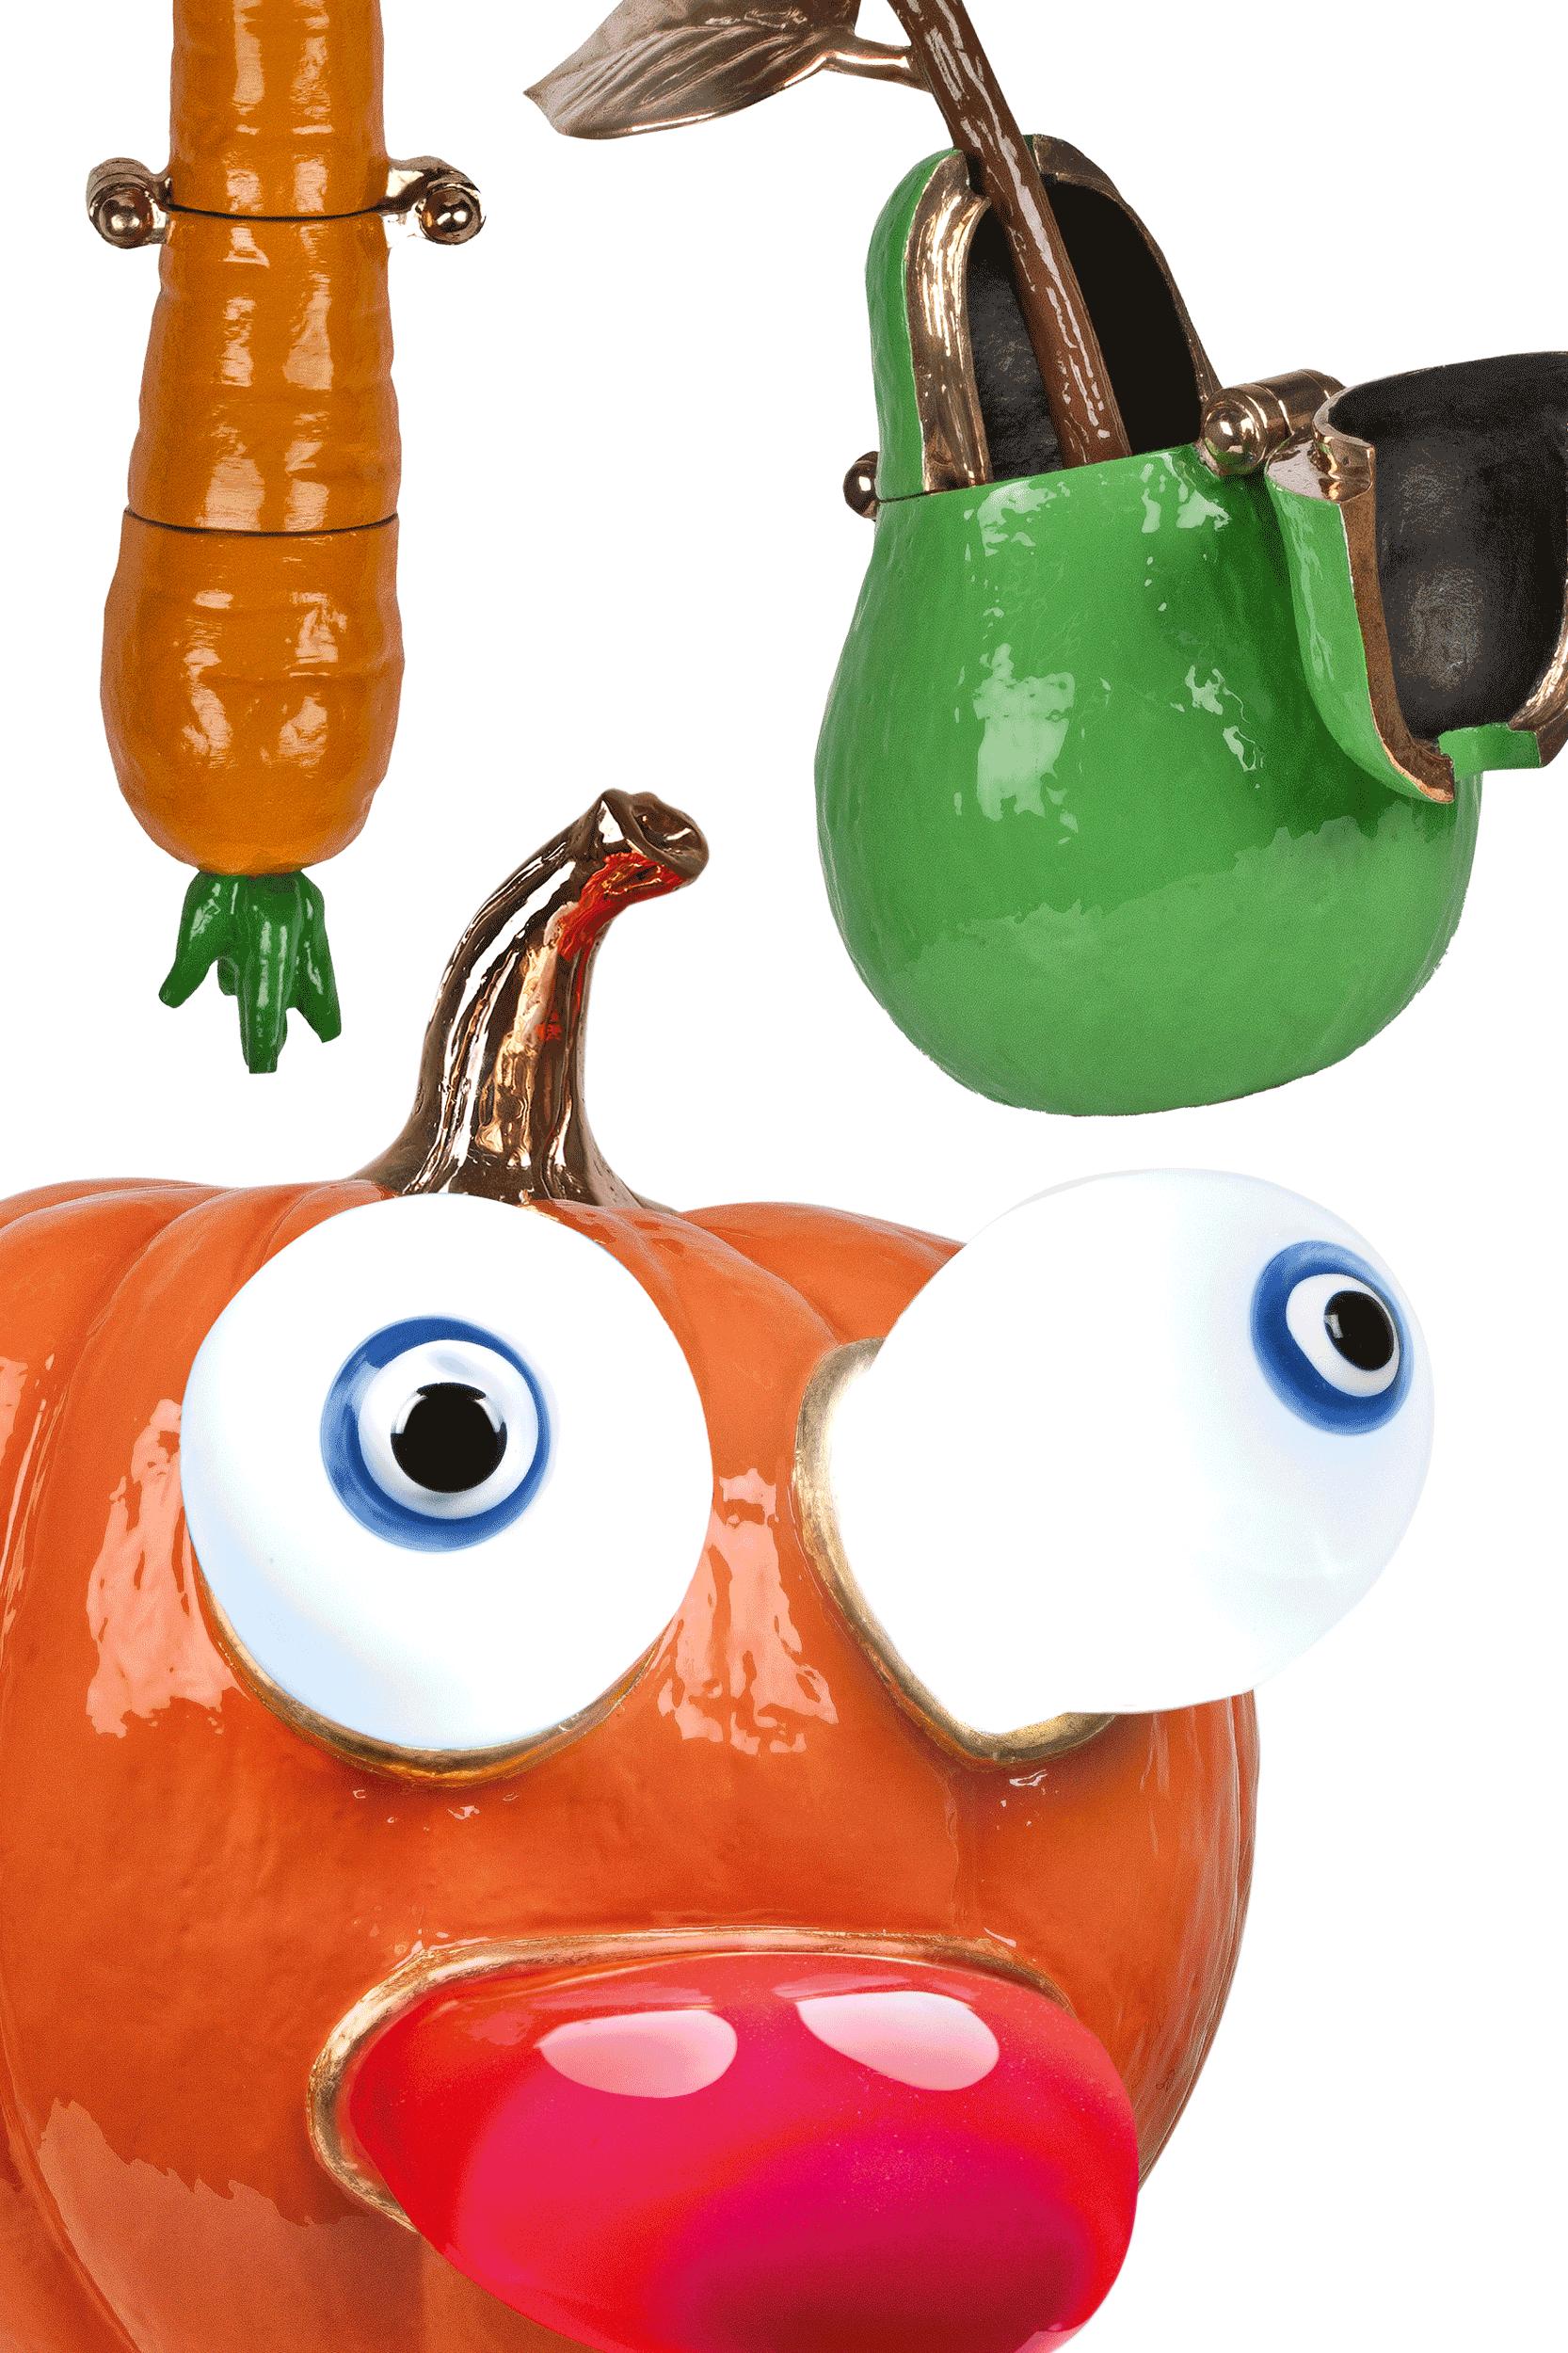 HV-Fruit_Pumpkin_Carrot-Pear